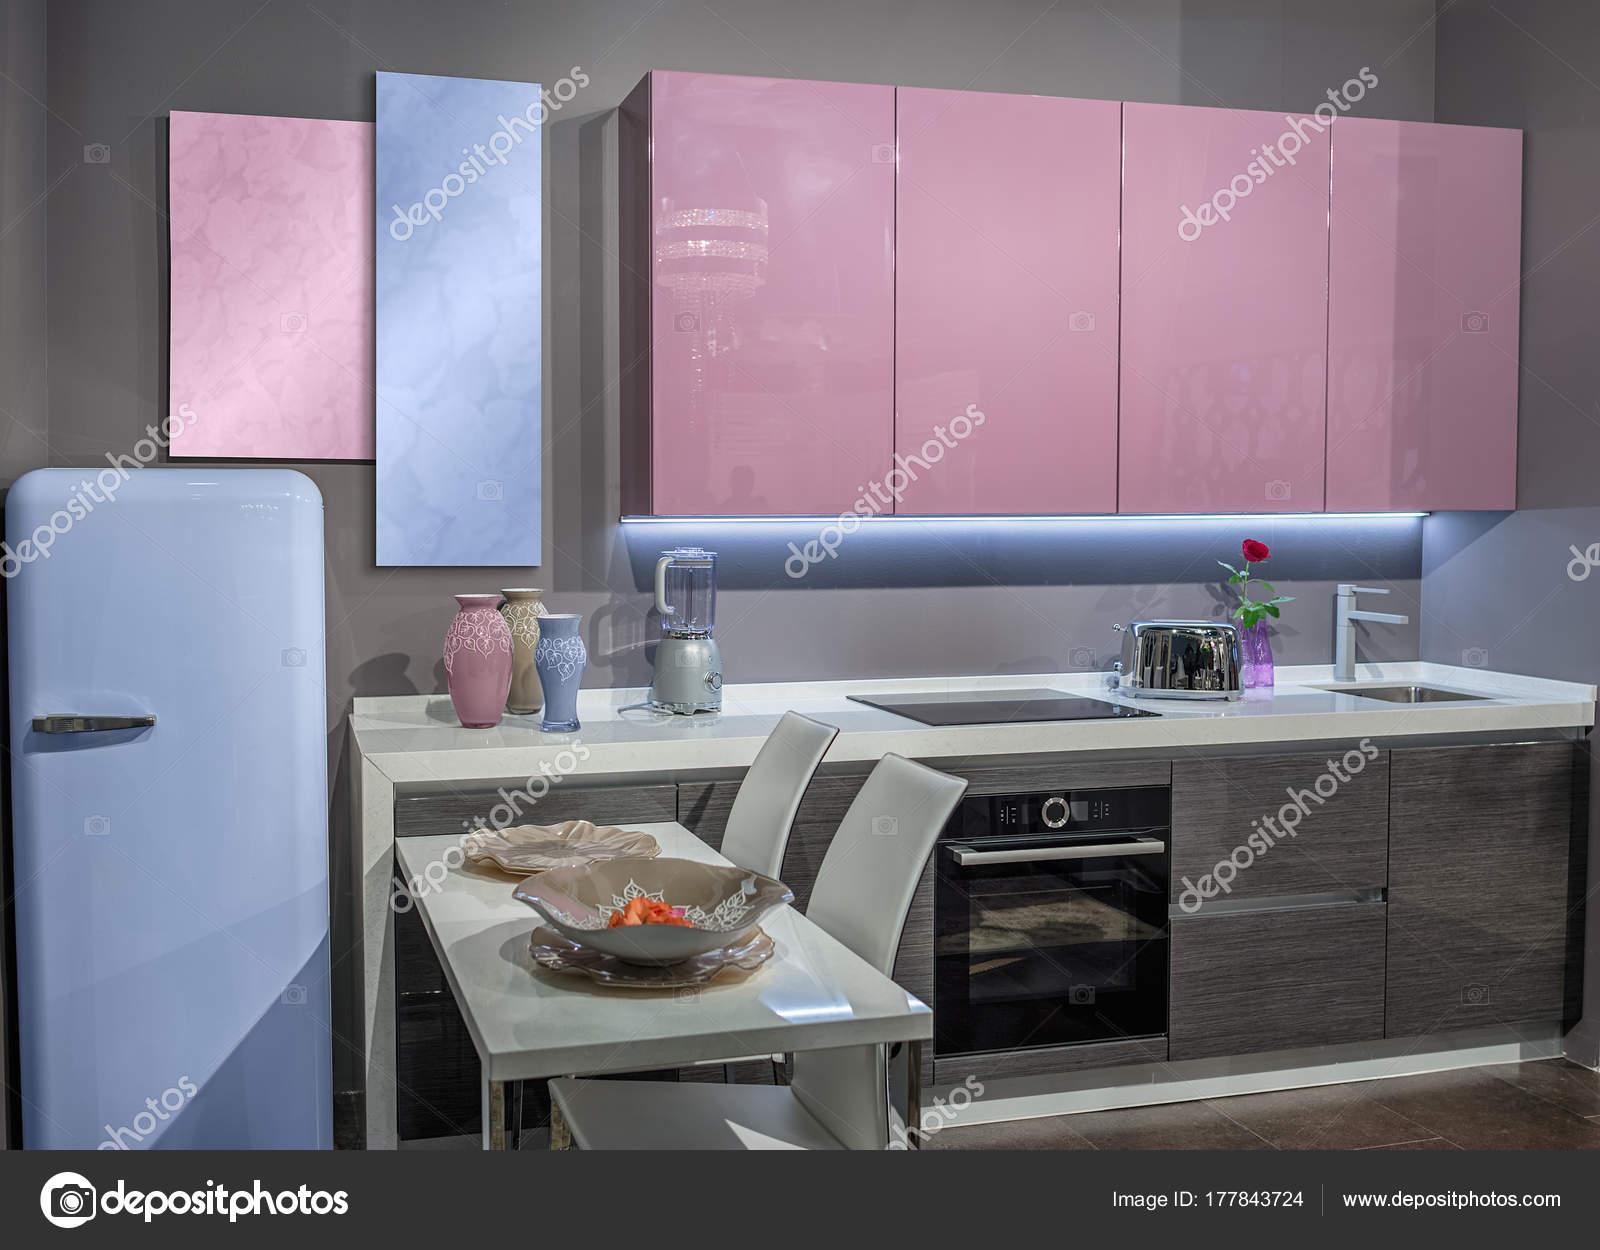 Kühlschrank Rosa : Modern komfortabel küche mit einer rosa farbe von den oberen